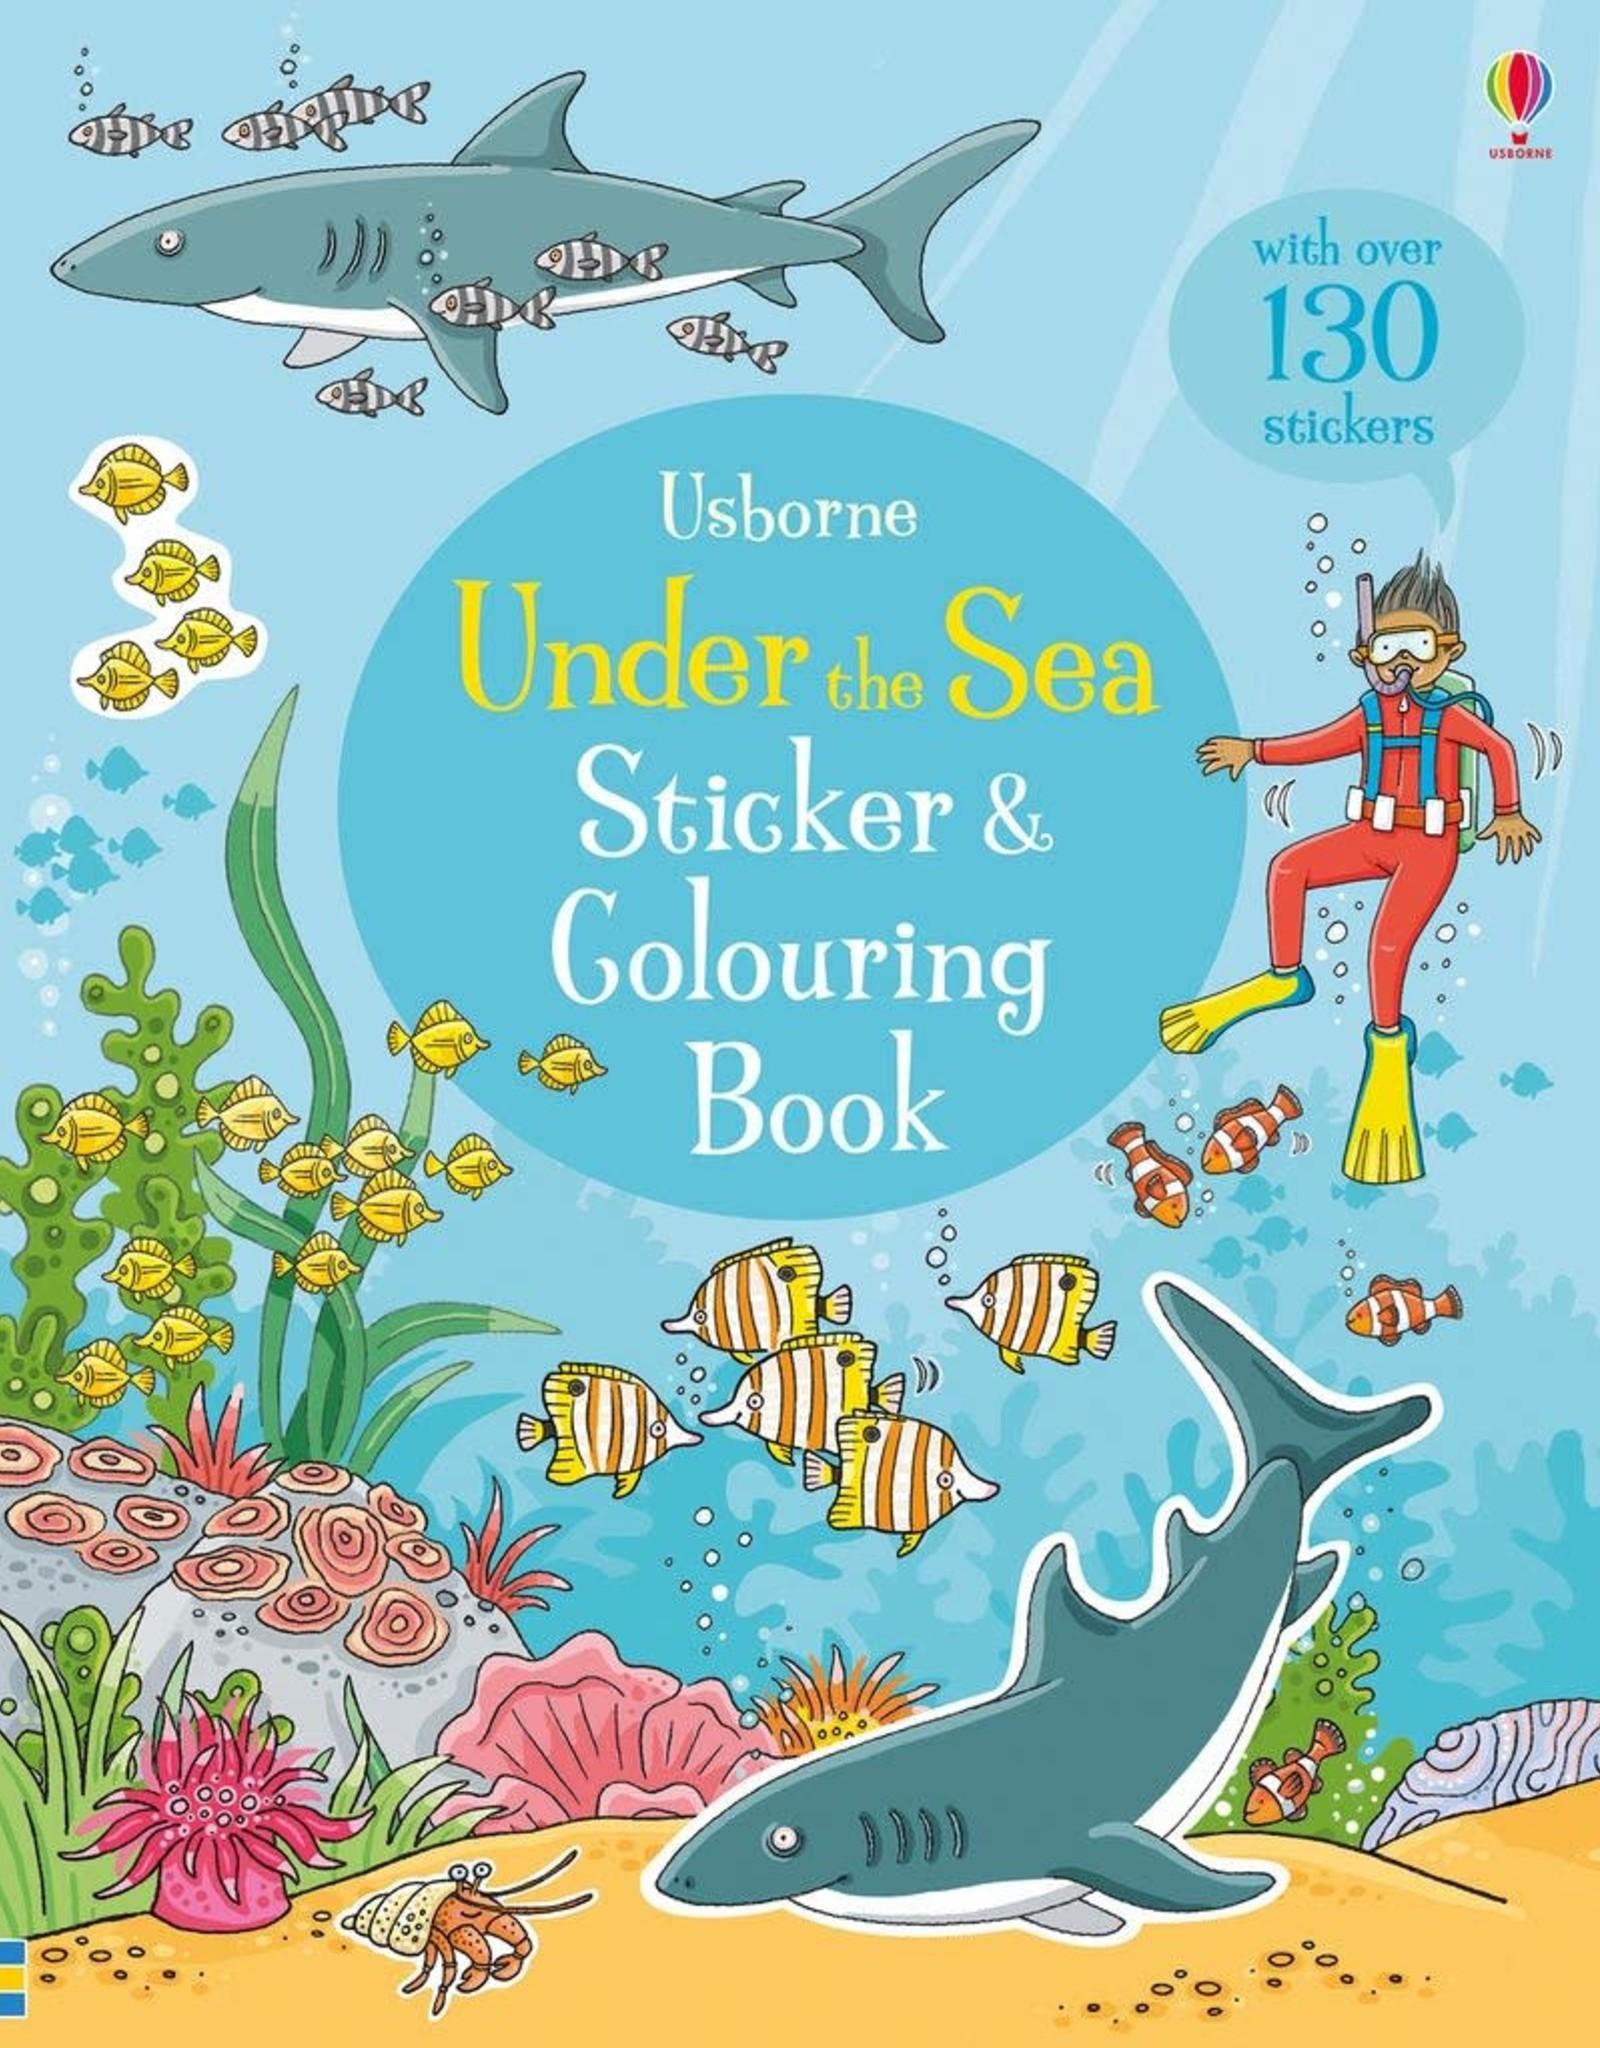 Usborne Sticker & Colouring Book: Under the Sea